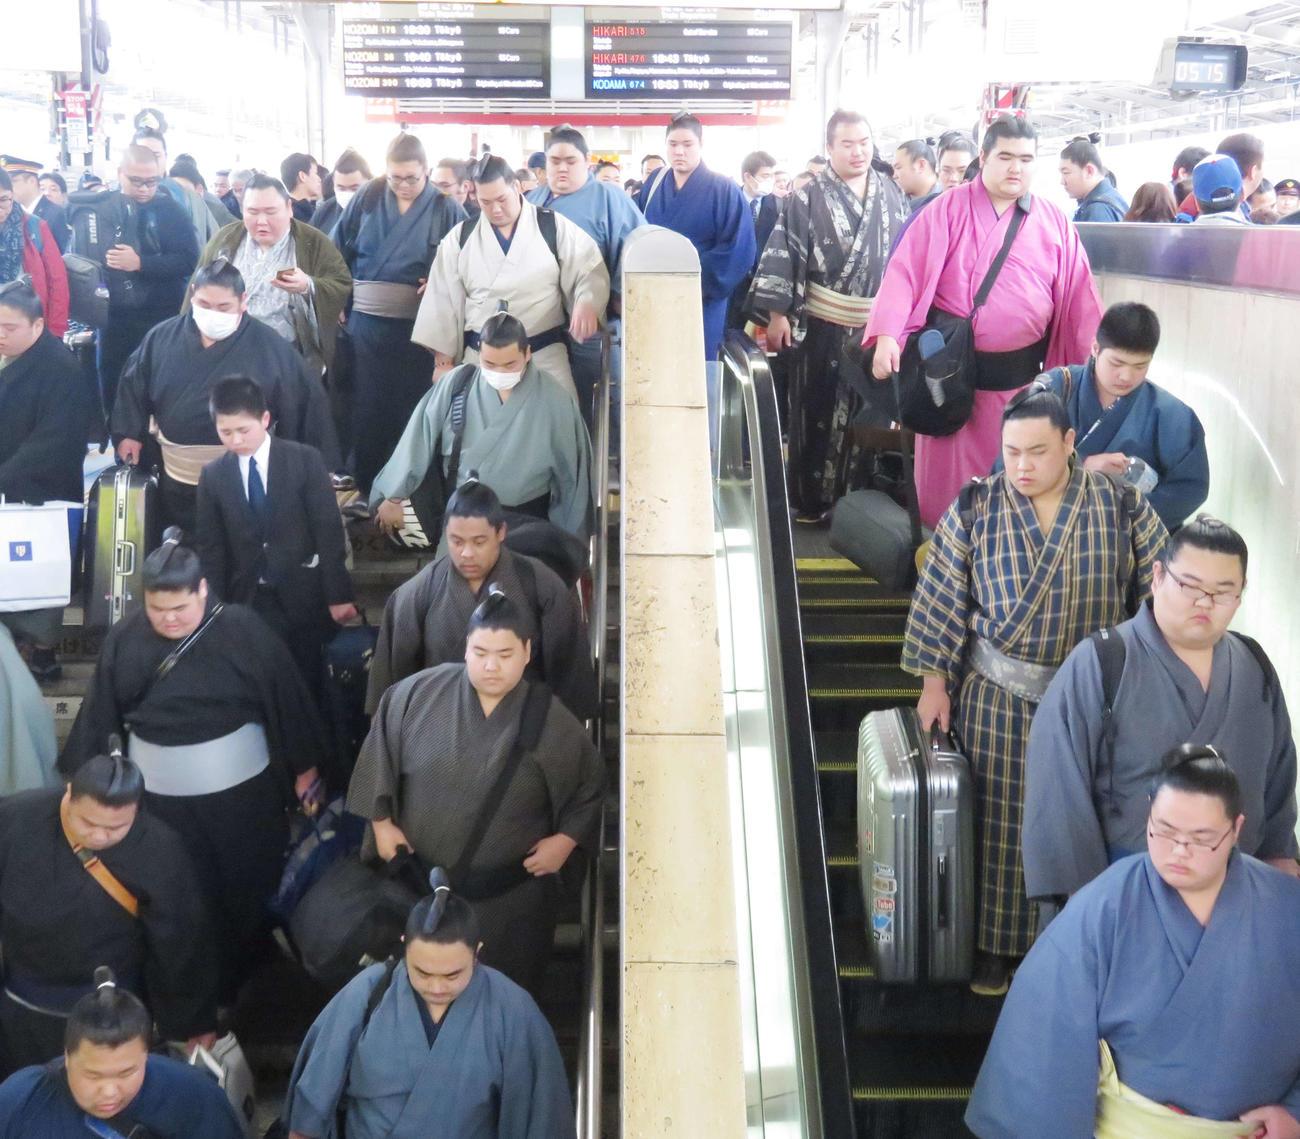 春場所に向けて新幹線で大阪に到着した力士たち(2019年2月24日撮影)